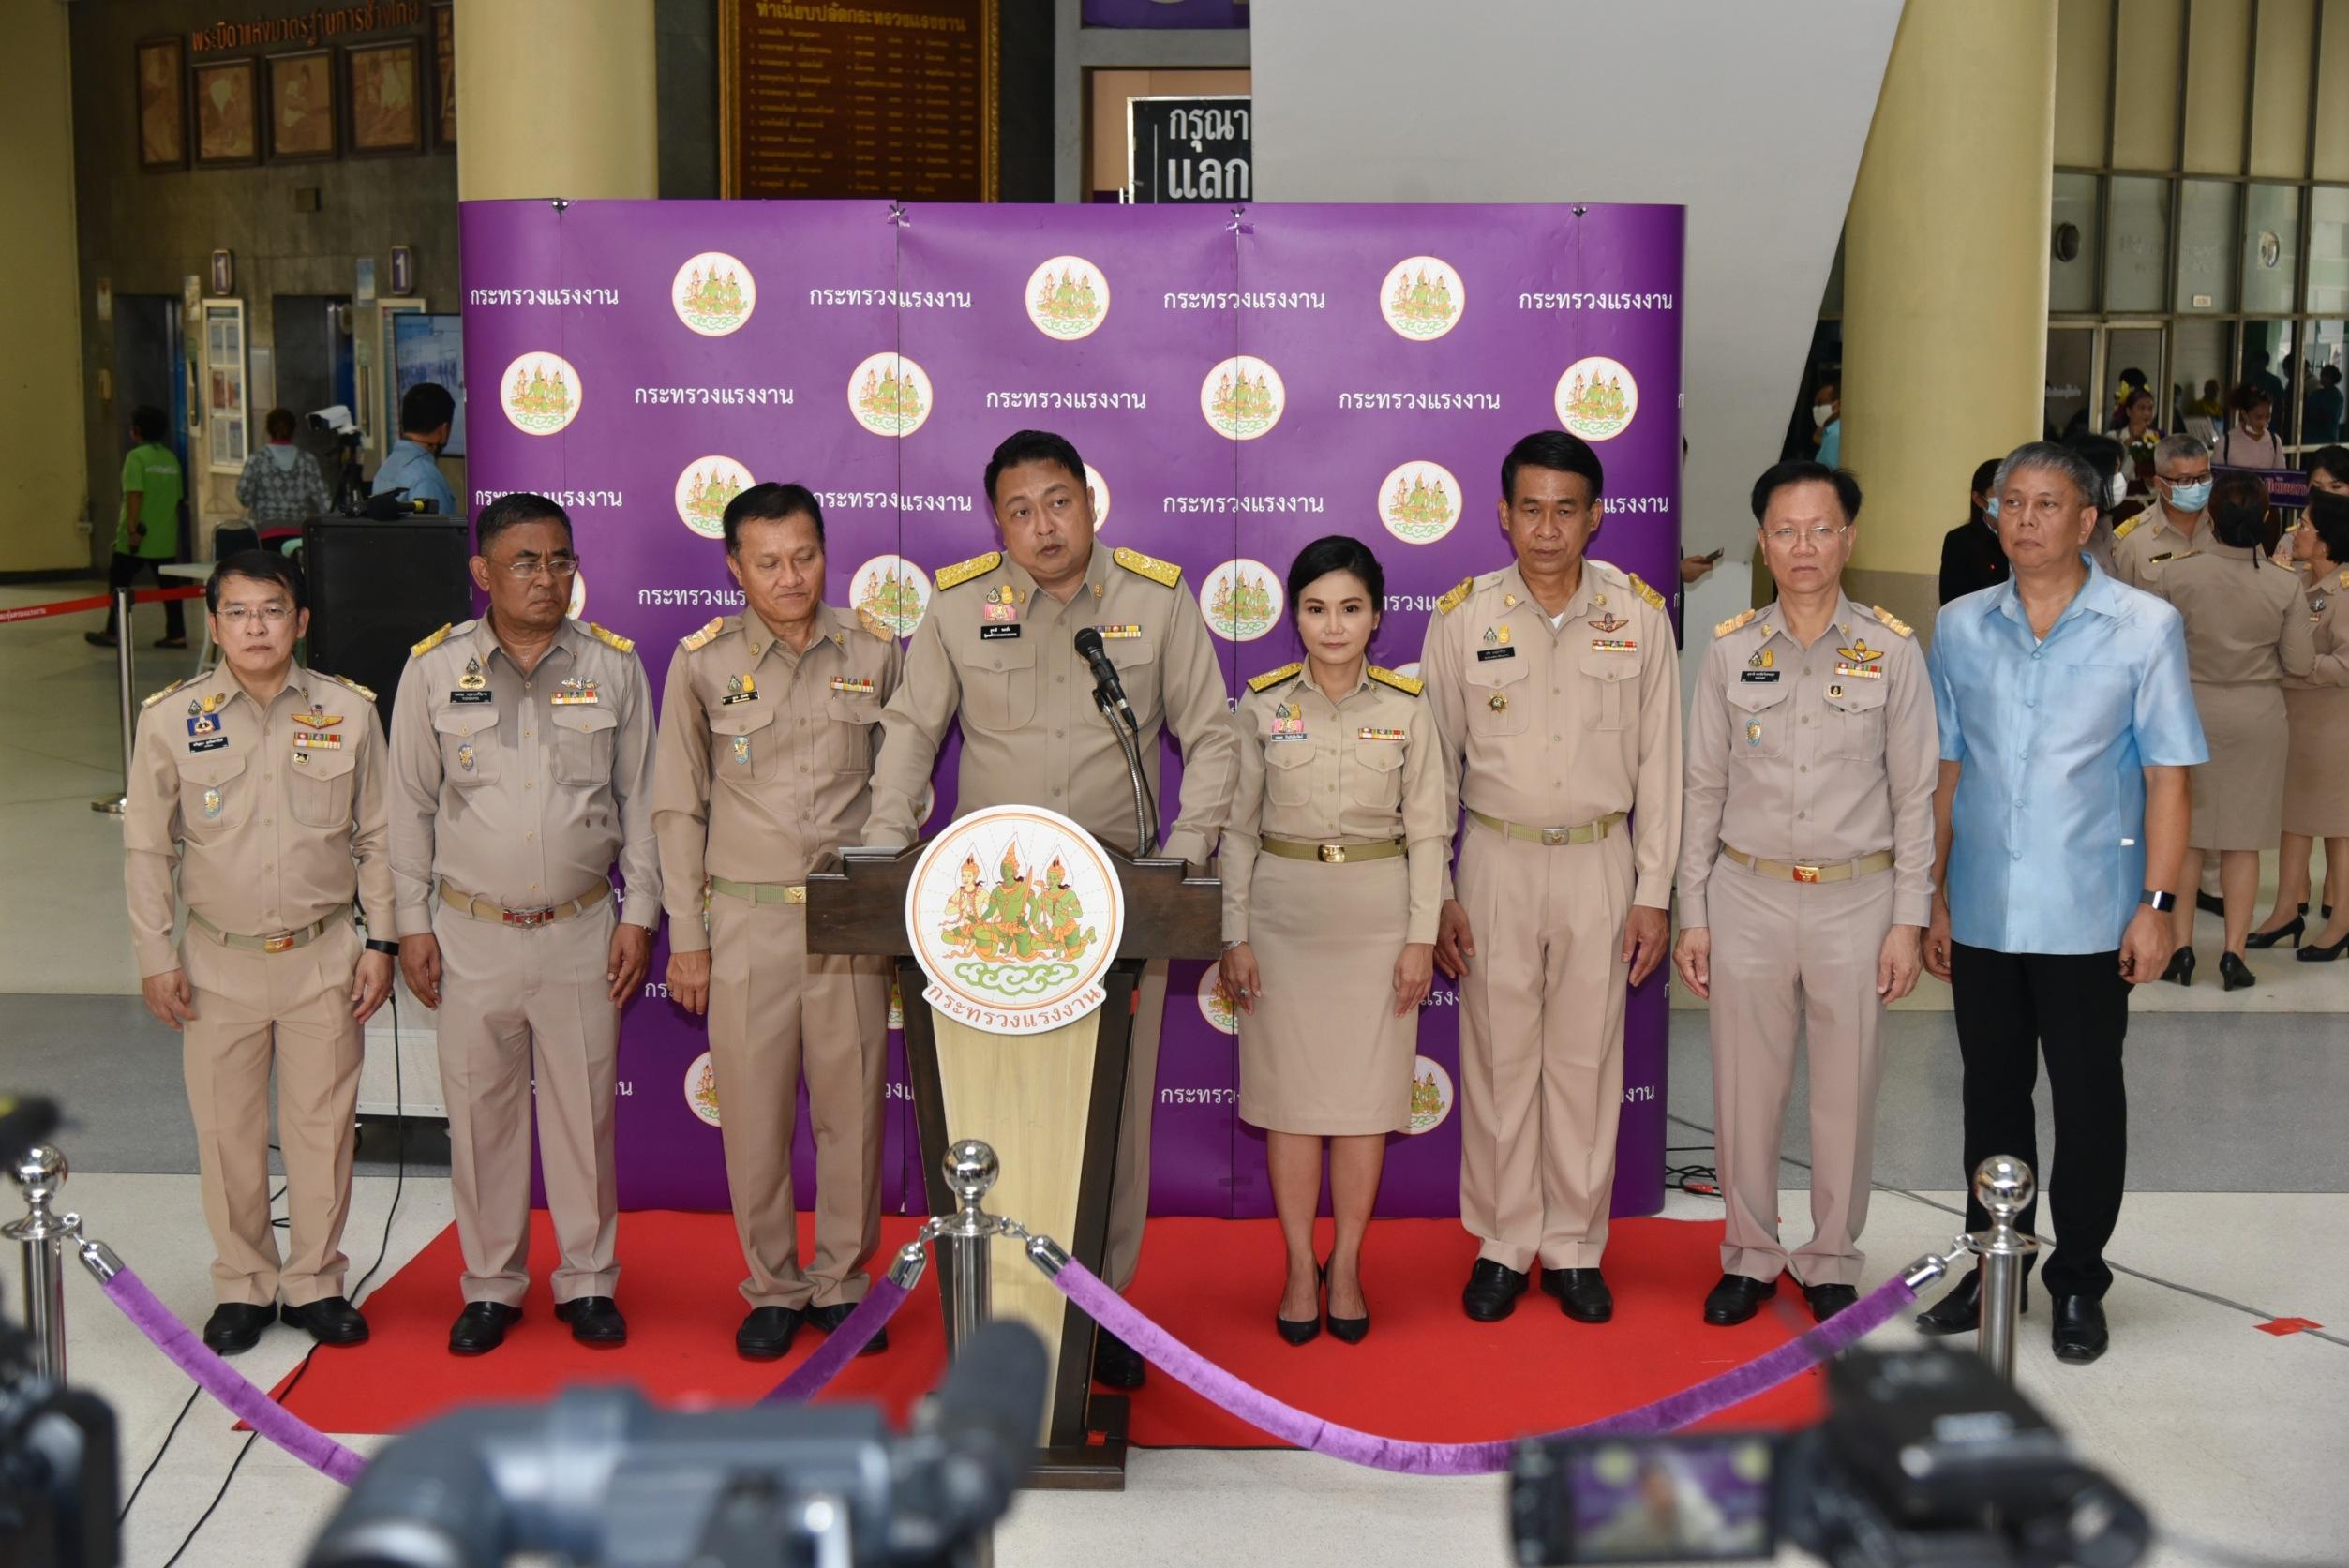 กรมการจัดหางาน  ร่วมให้การต้อนรับรัฐมนตรีว่าการกระทรวงแรงงานและรัฐมนตรีช่วยว่าการกระทรวงแรงงาน